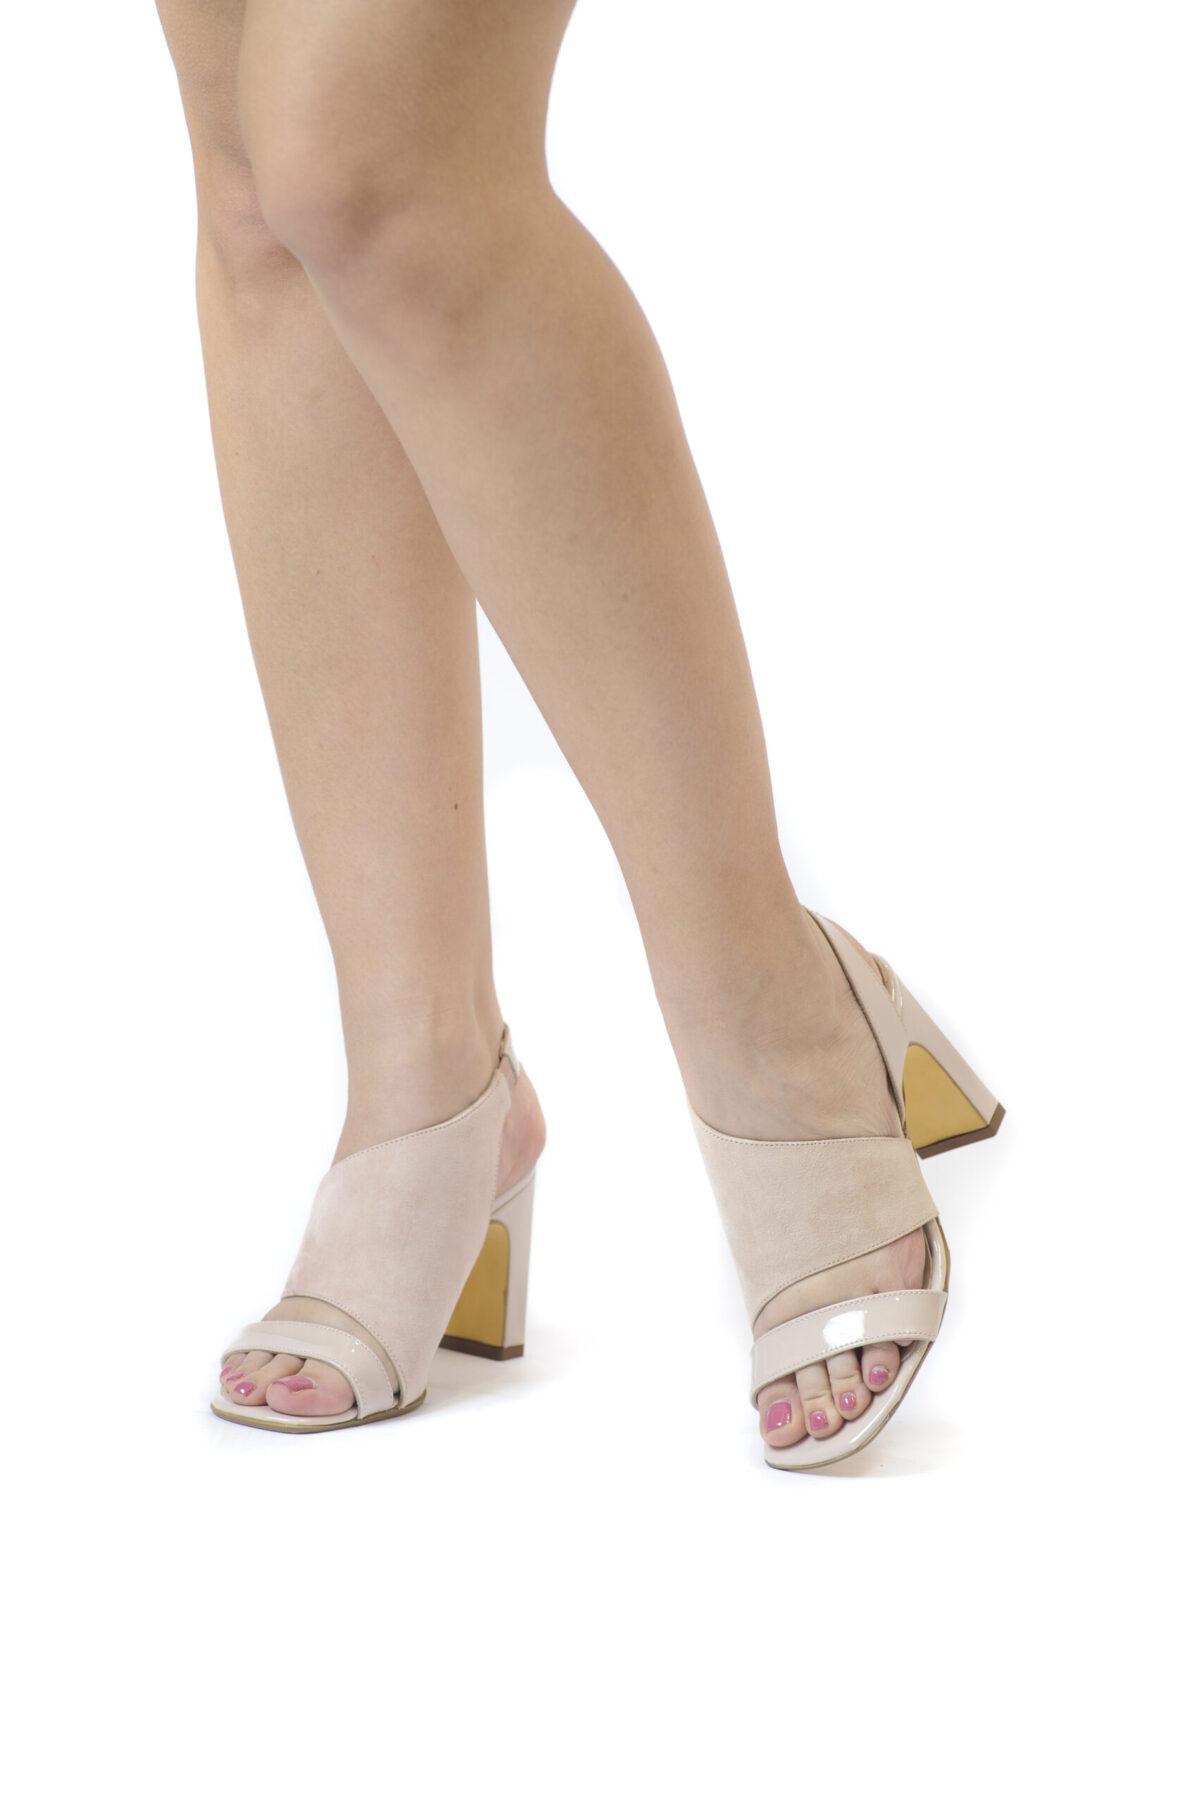 Γυναικεία Παπούτσια Total Nude Πέδιλο σε 2 Υφές